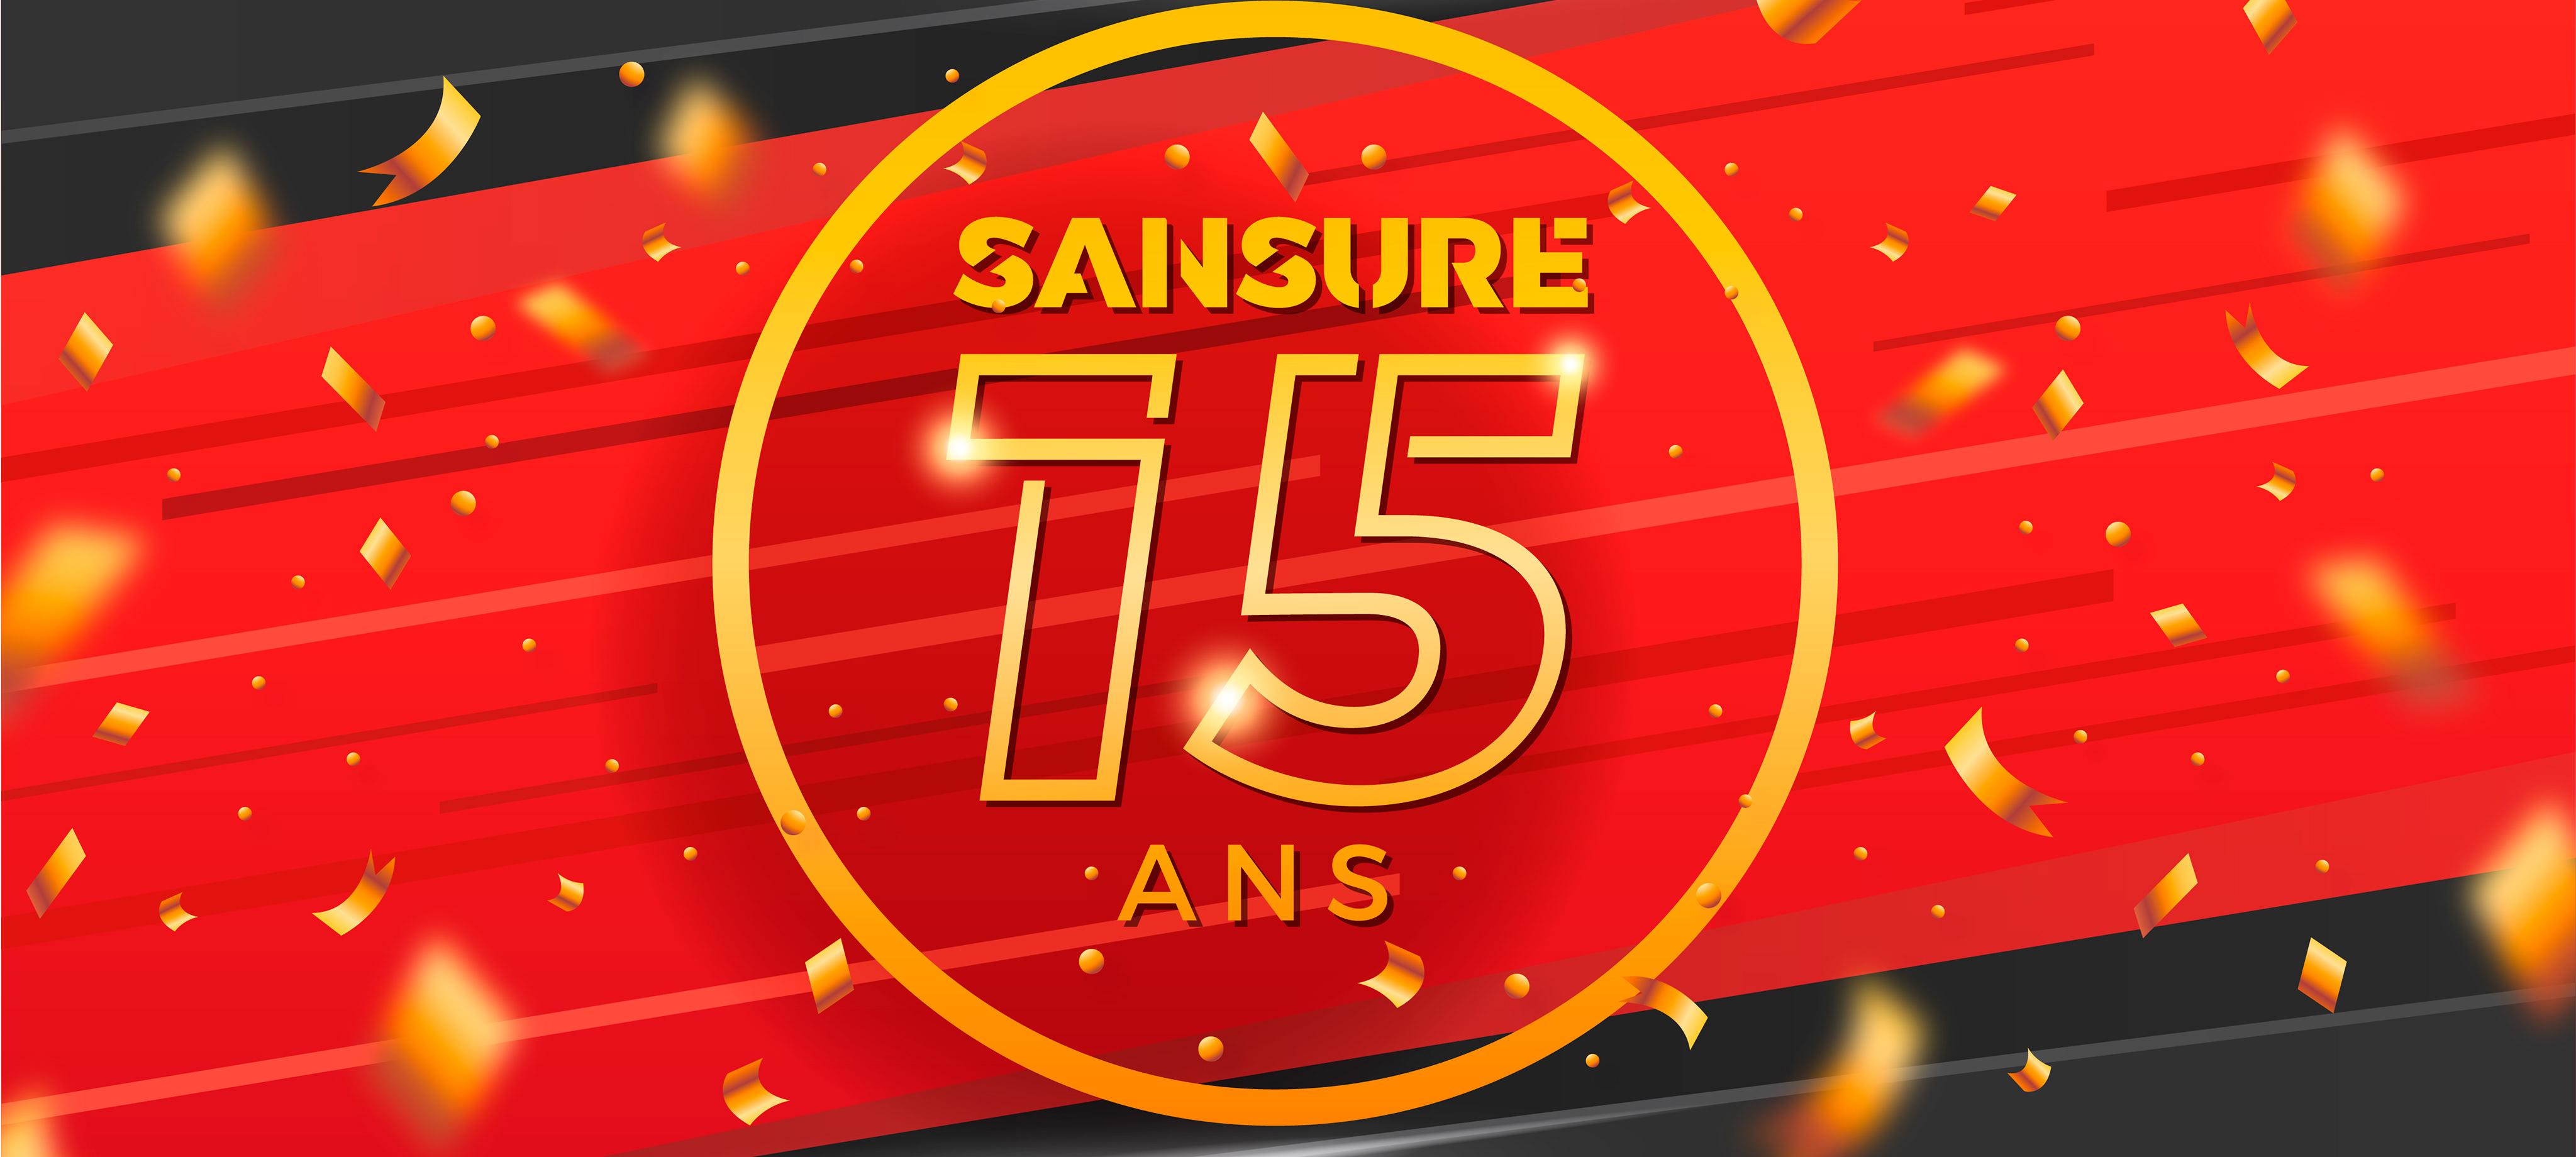 #15ansSANSURE